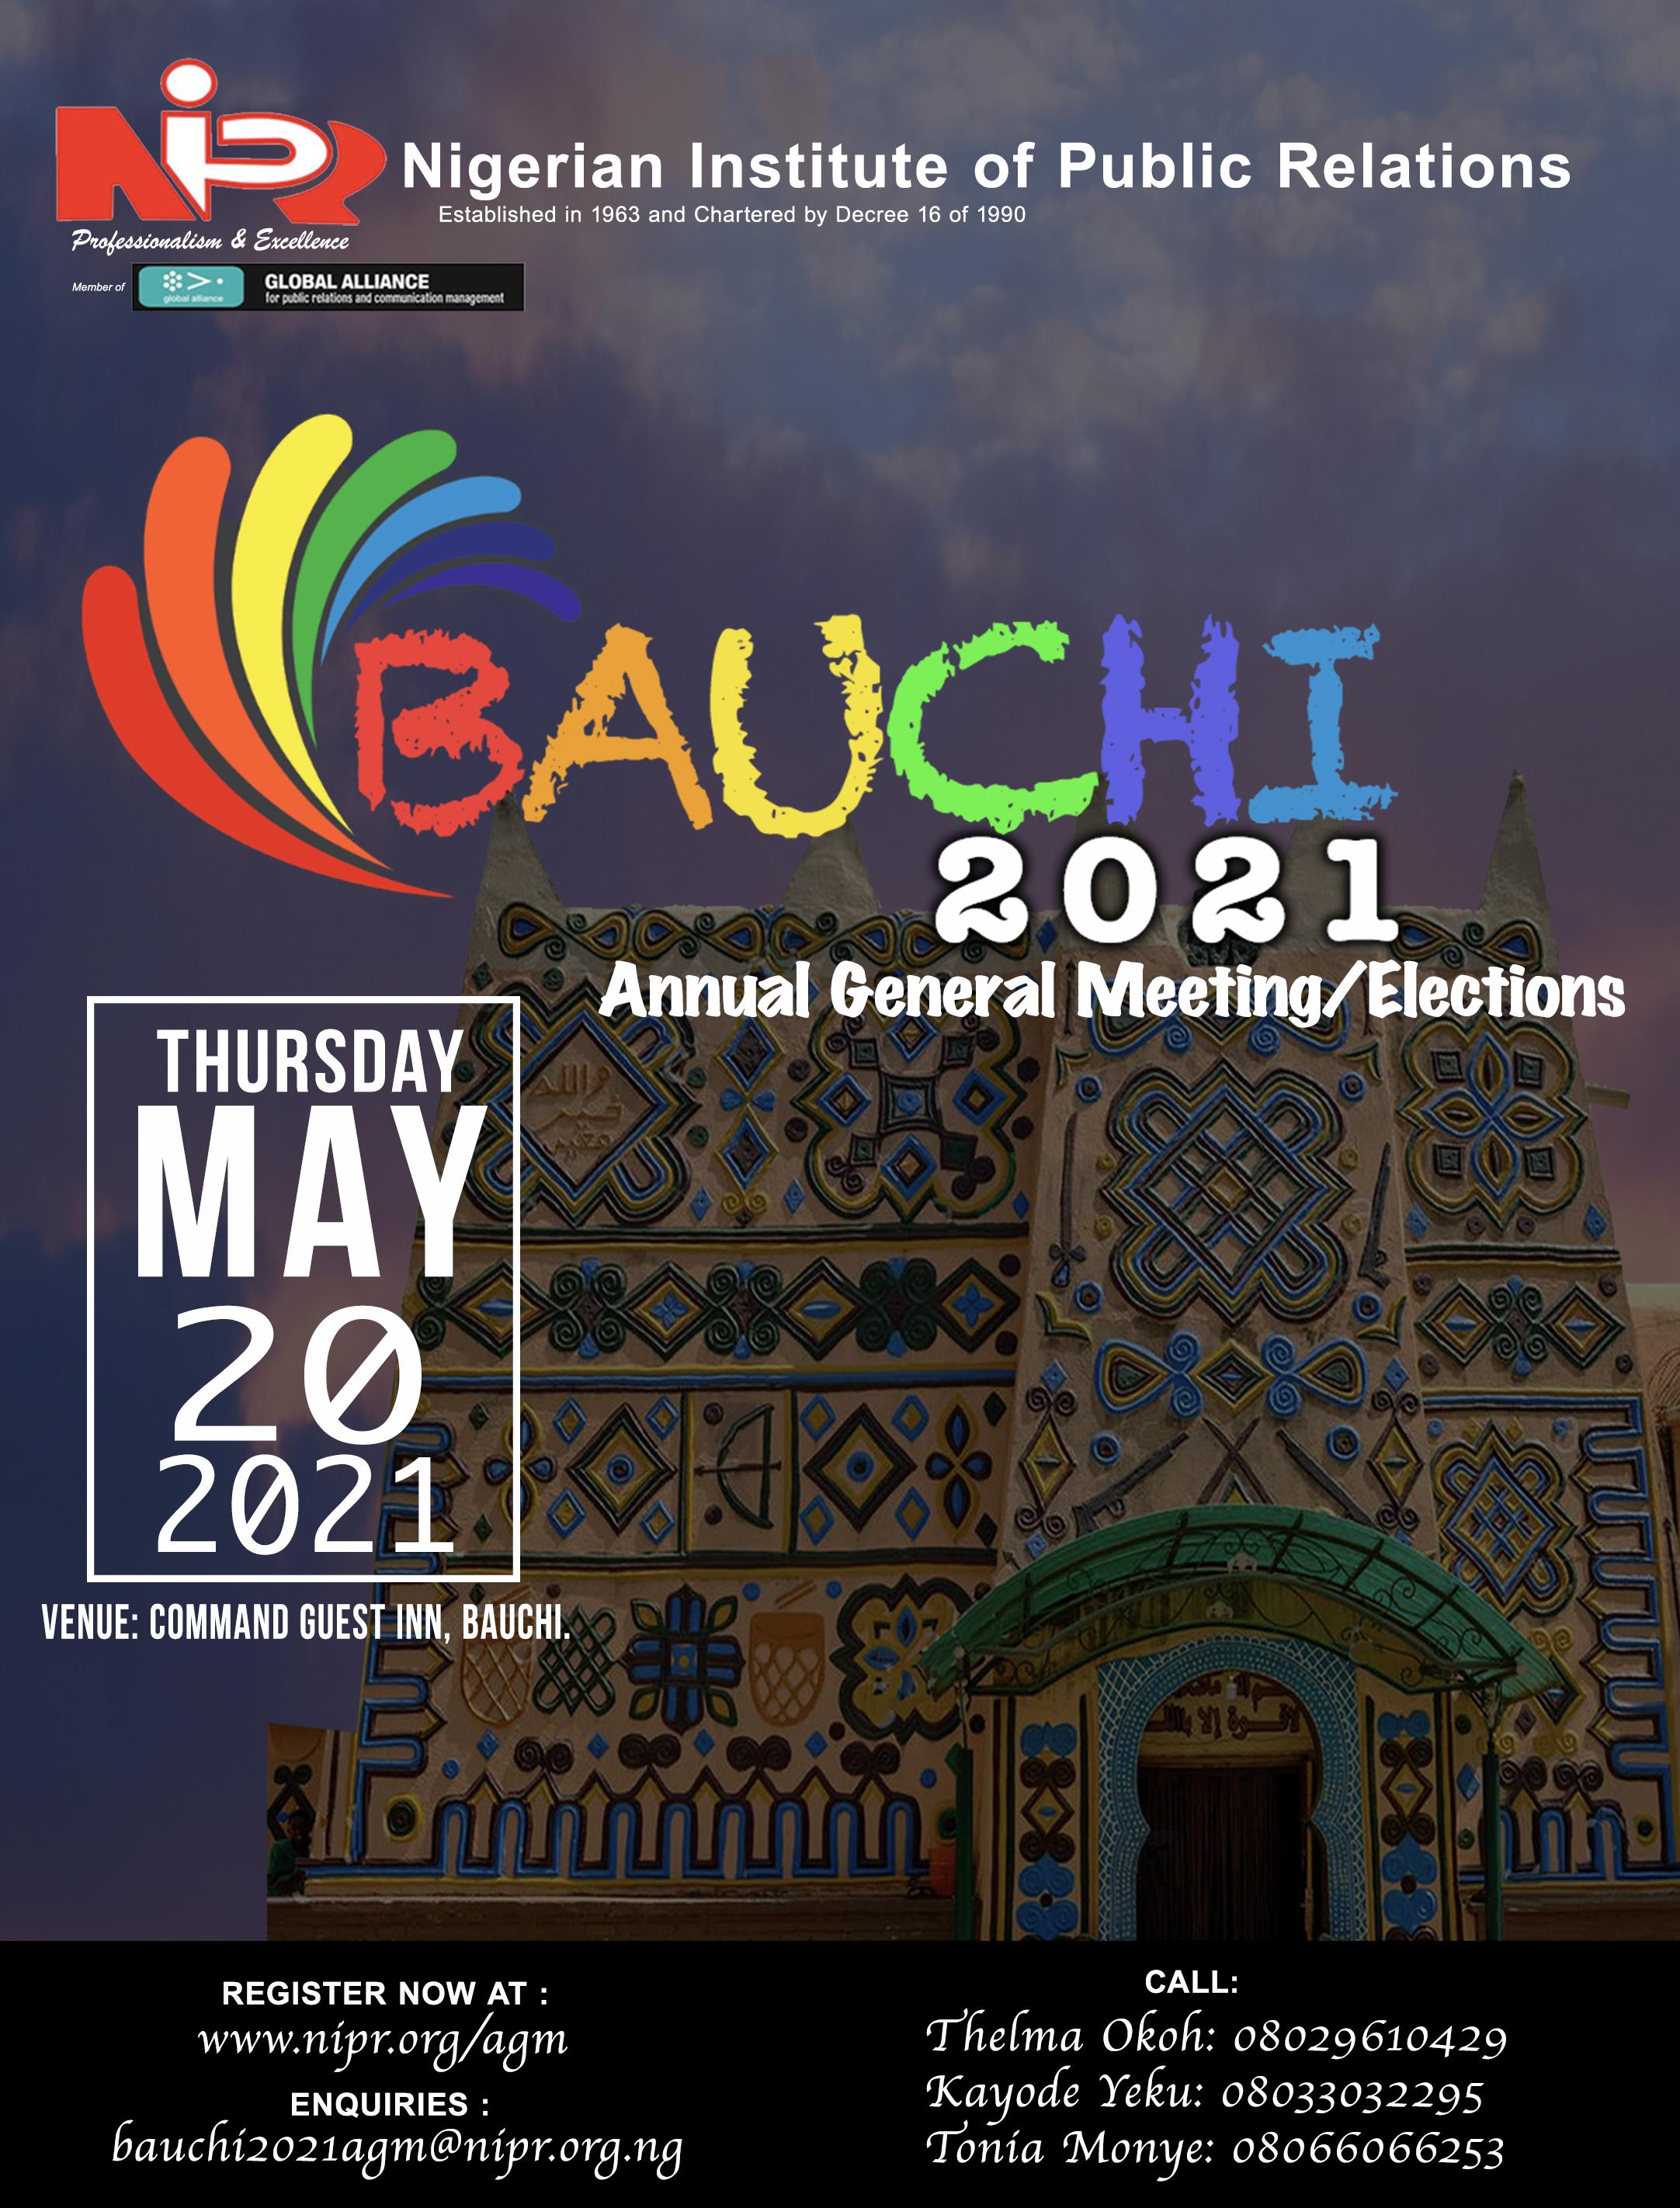 BAUCHI 2021 FLIER